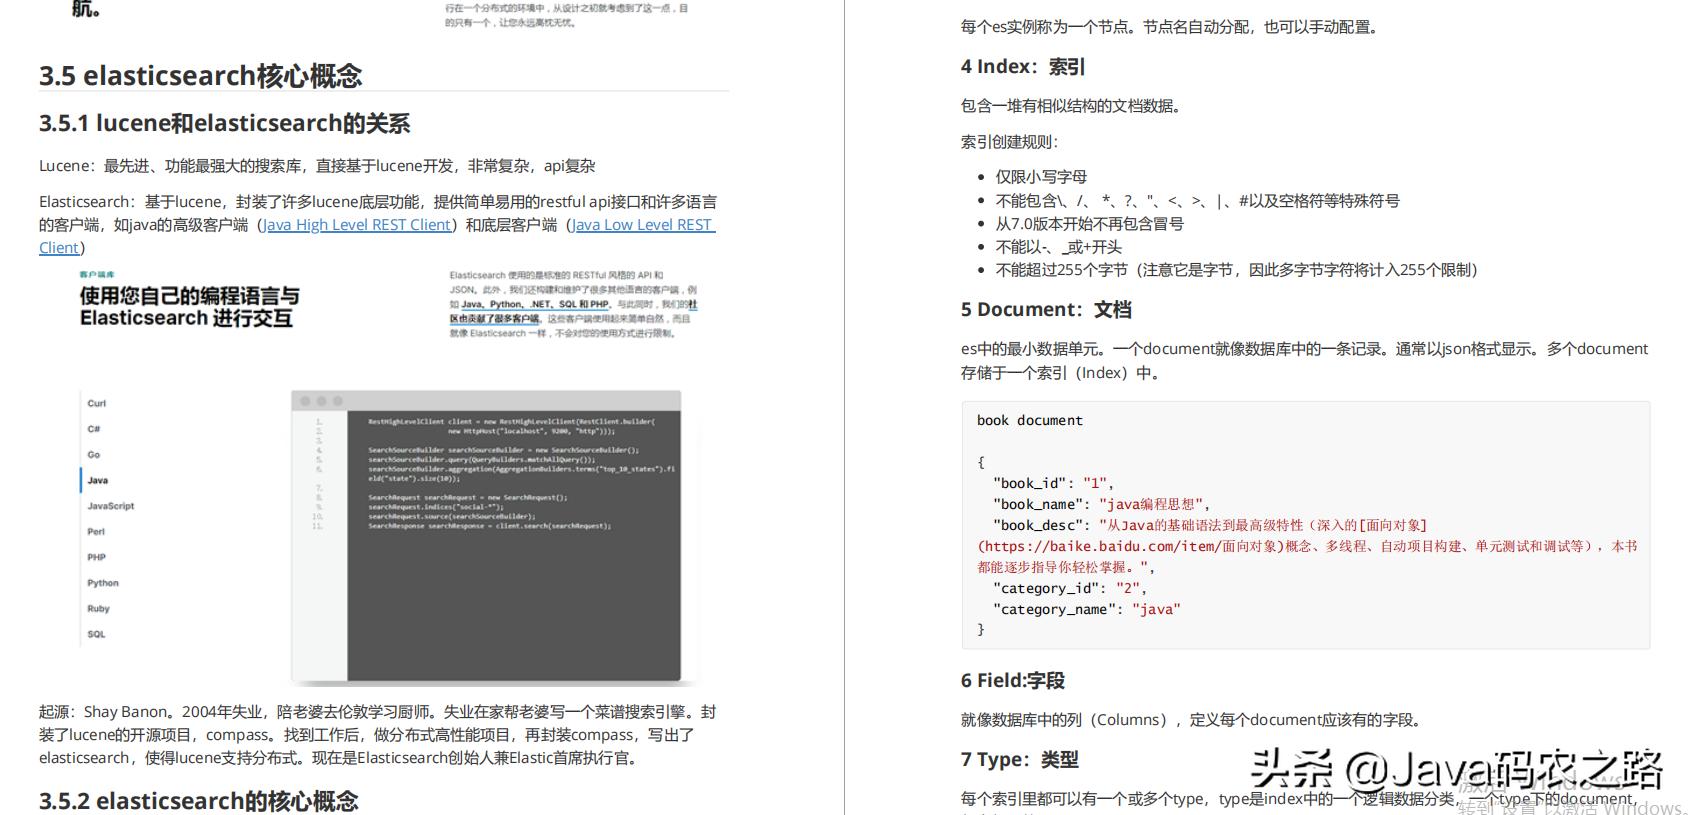 阿里限量出产Elasticsearch学习手册,确定不心动?